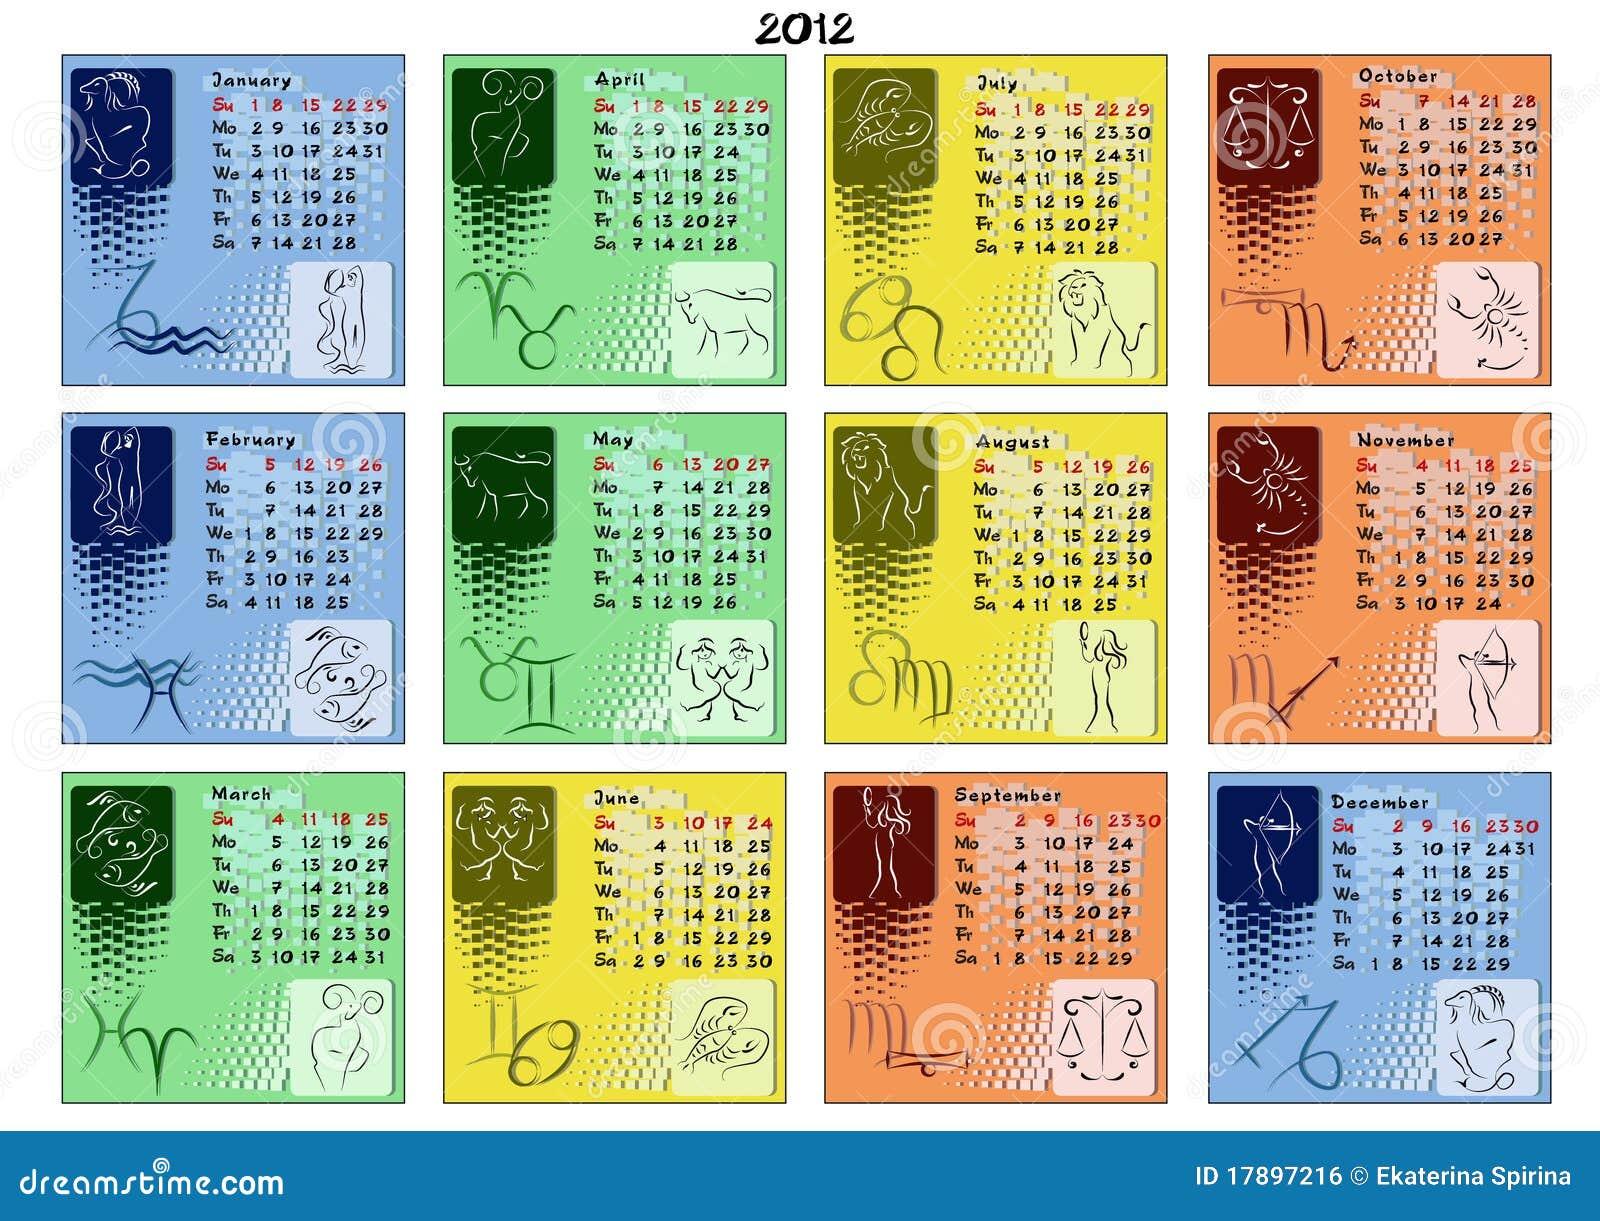 Calendario Zodiacal.Calendario 2012 Con Las Muestras Del Zodiaco Ilustracion Del Vector